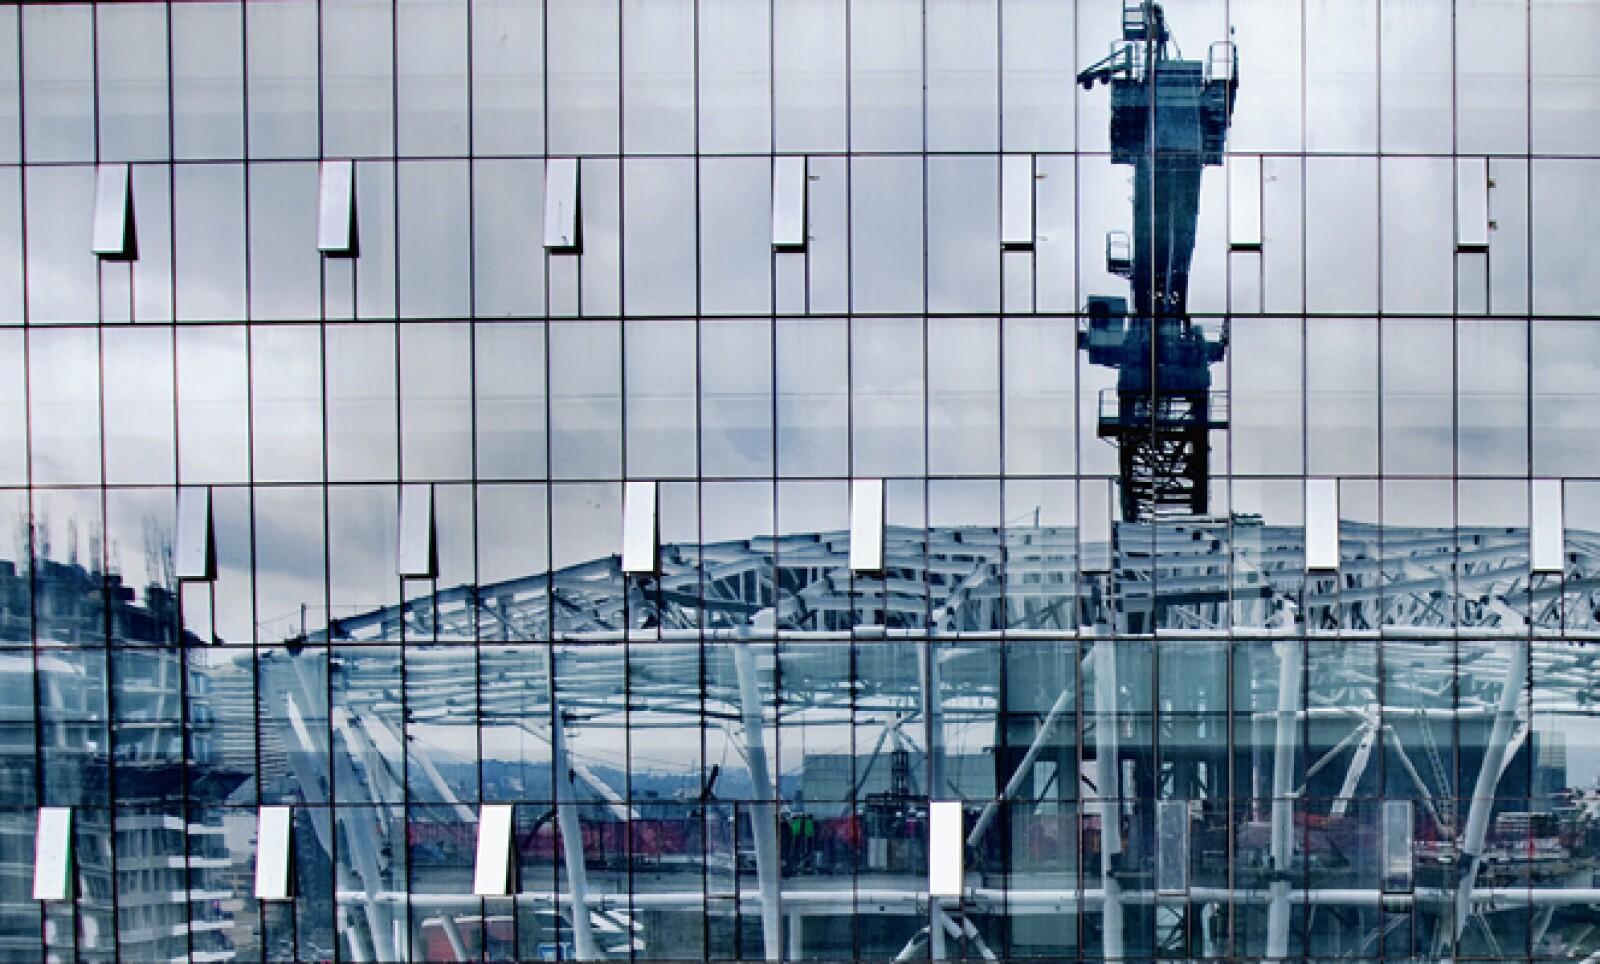 Las toneladas de acero requeridas para construir Plaza Carso (unas 66,000) duplican las que conforman la Torre Eiffel, triplican las de Reforma 222 y quintuplican las del Antara, los dos complejos en la ciudad que más se asemejan a la oferta de esta nueva